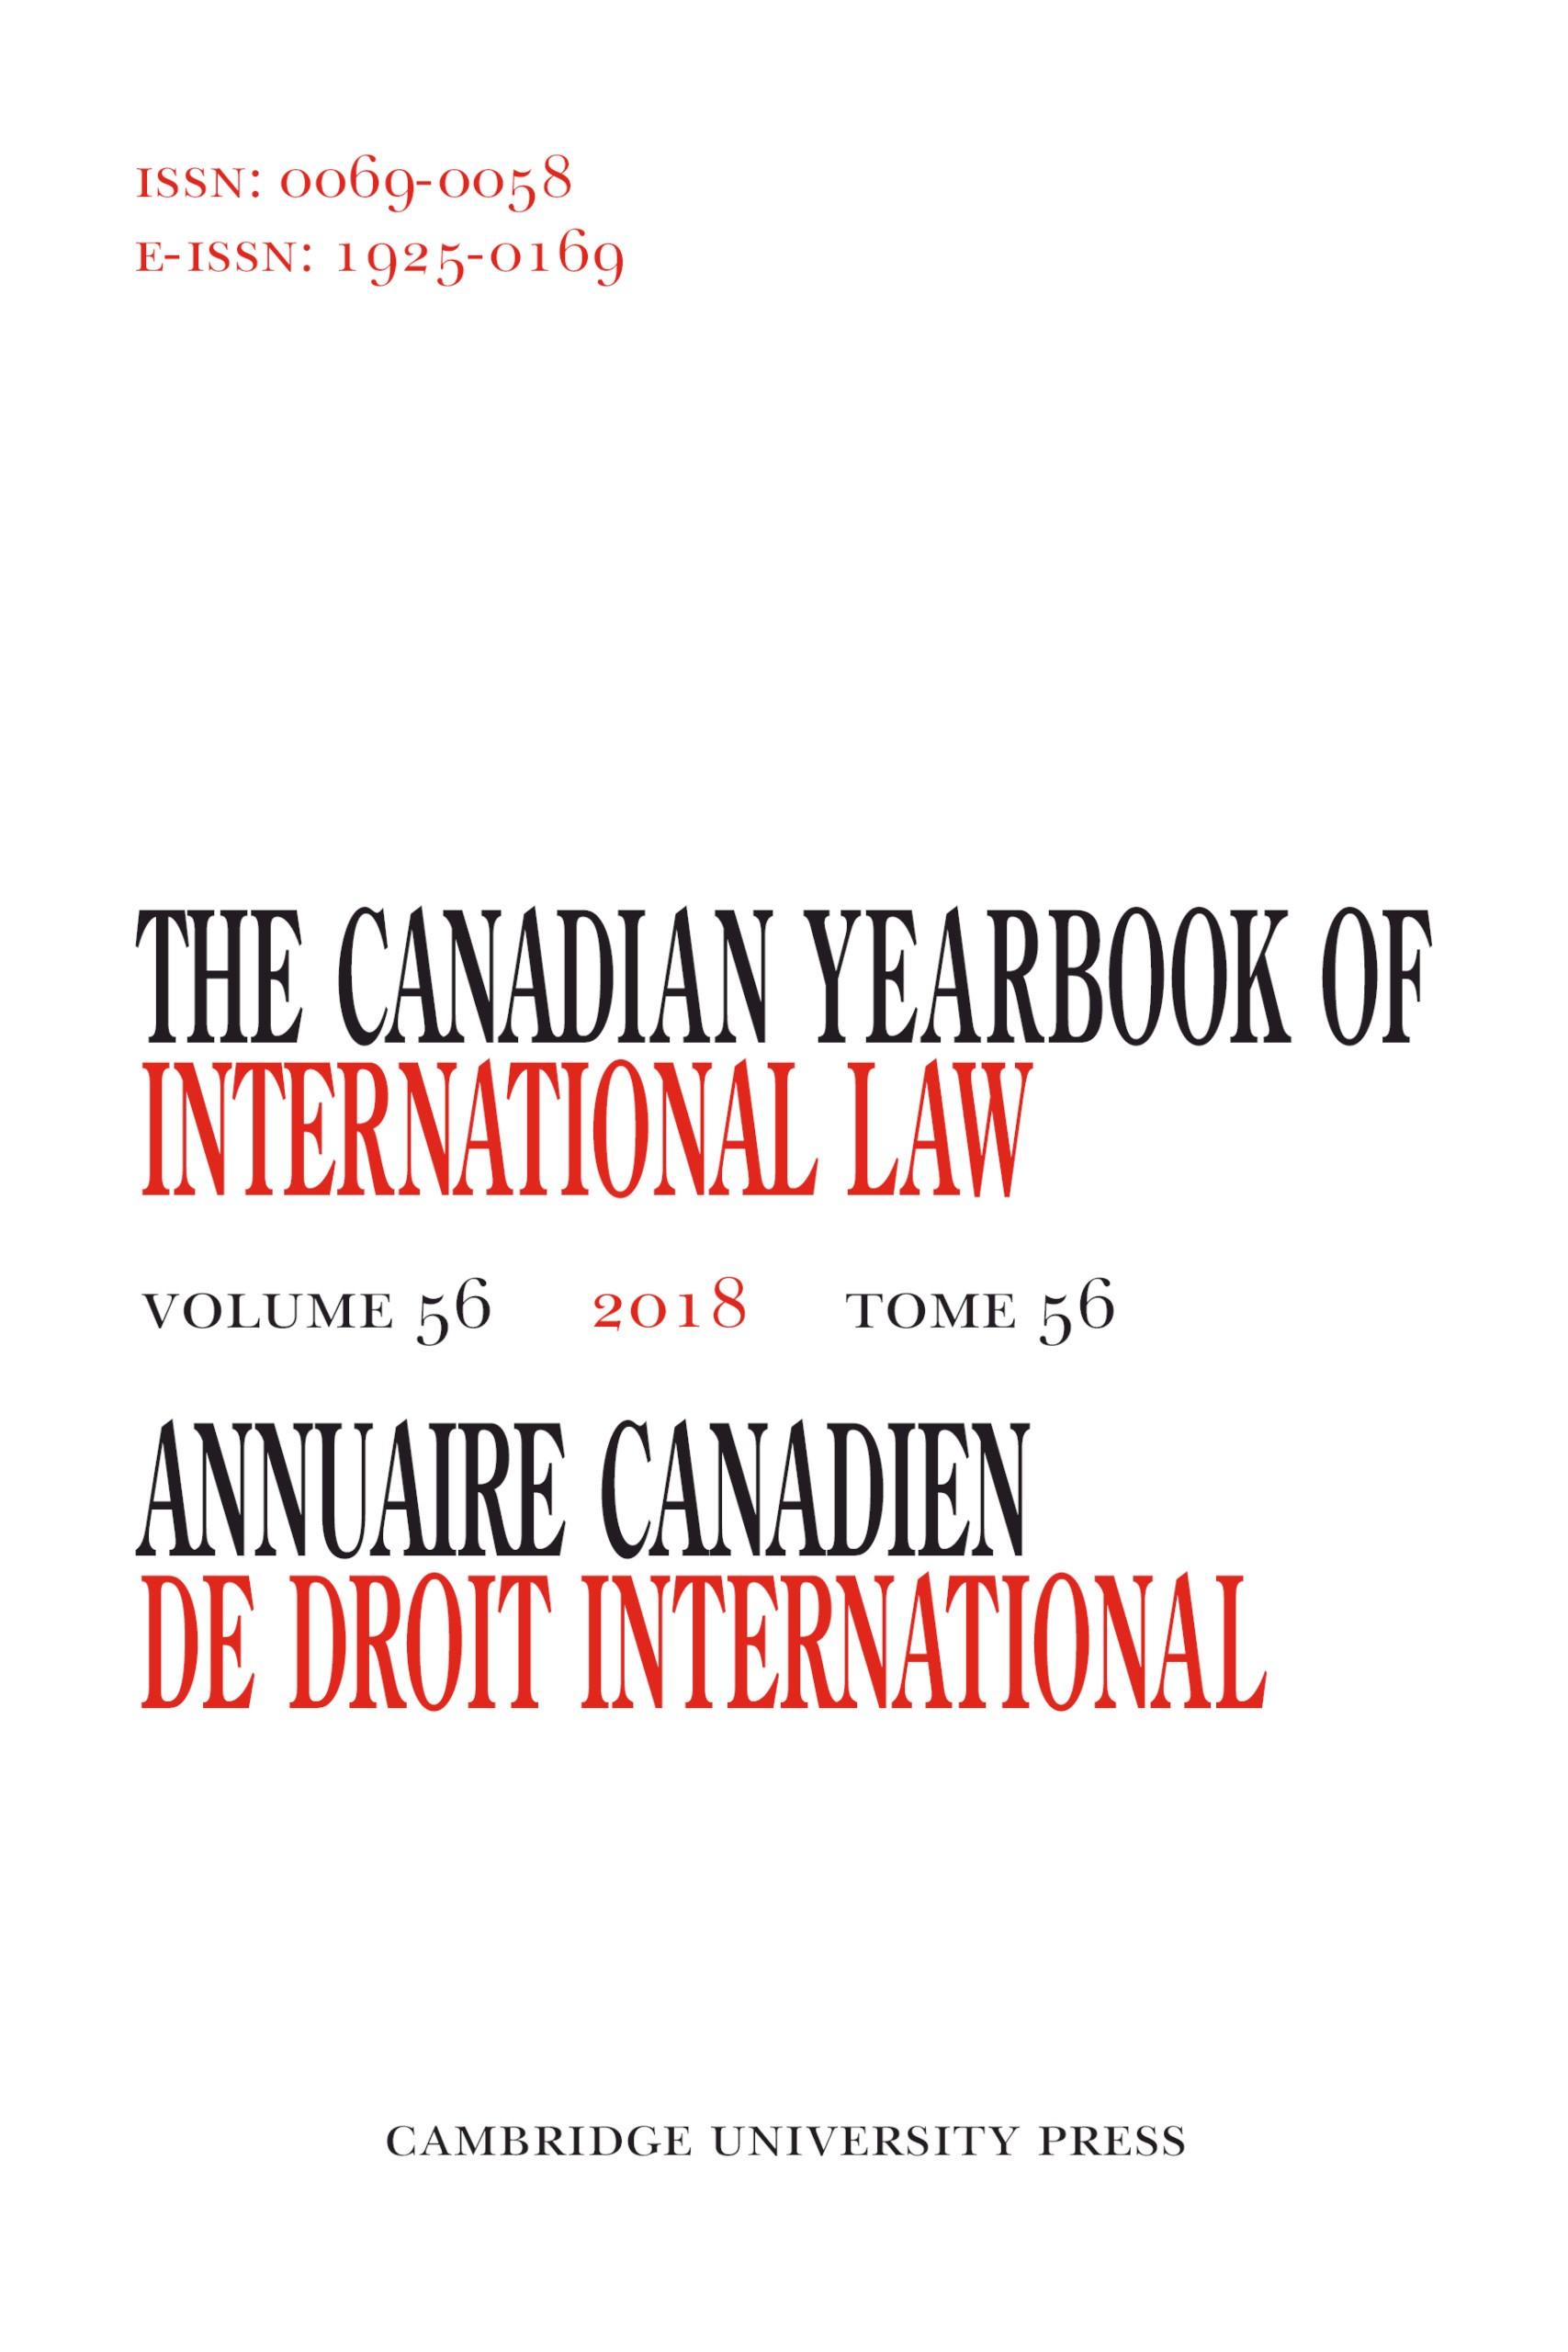 Les développements en droit interaméricain pour l'année 2018